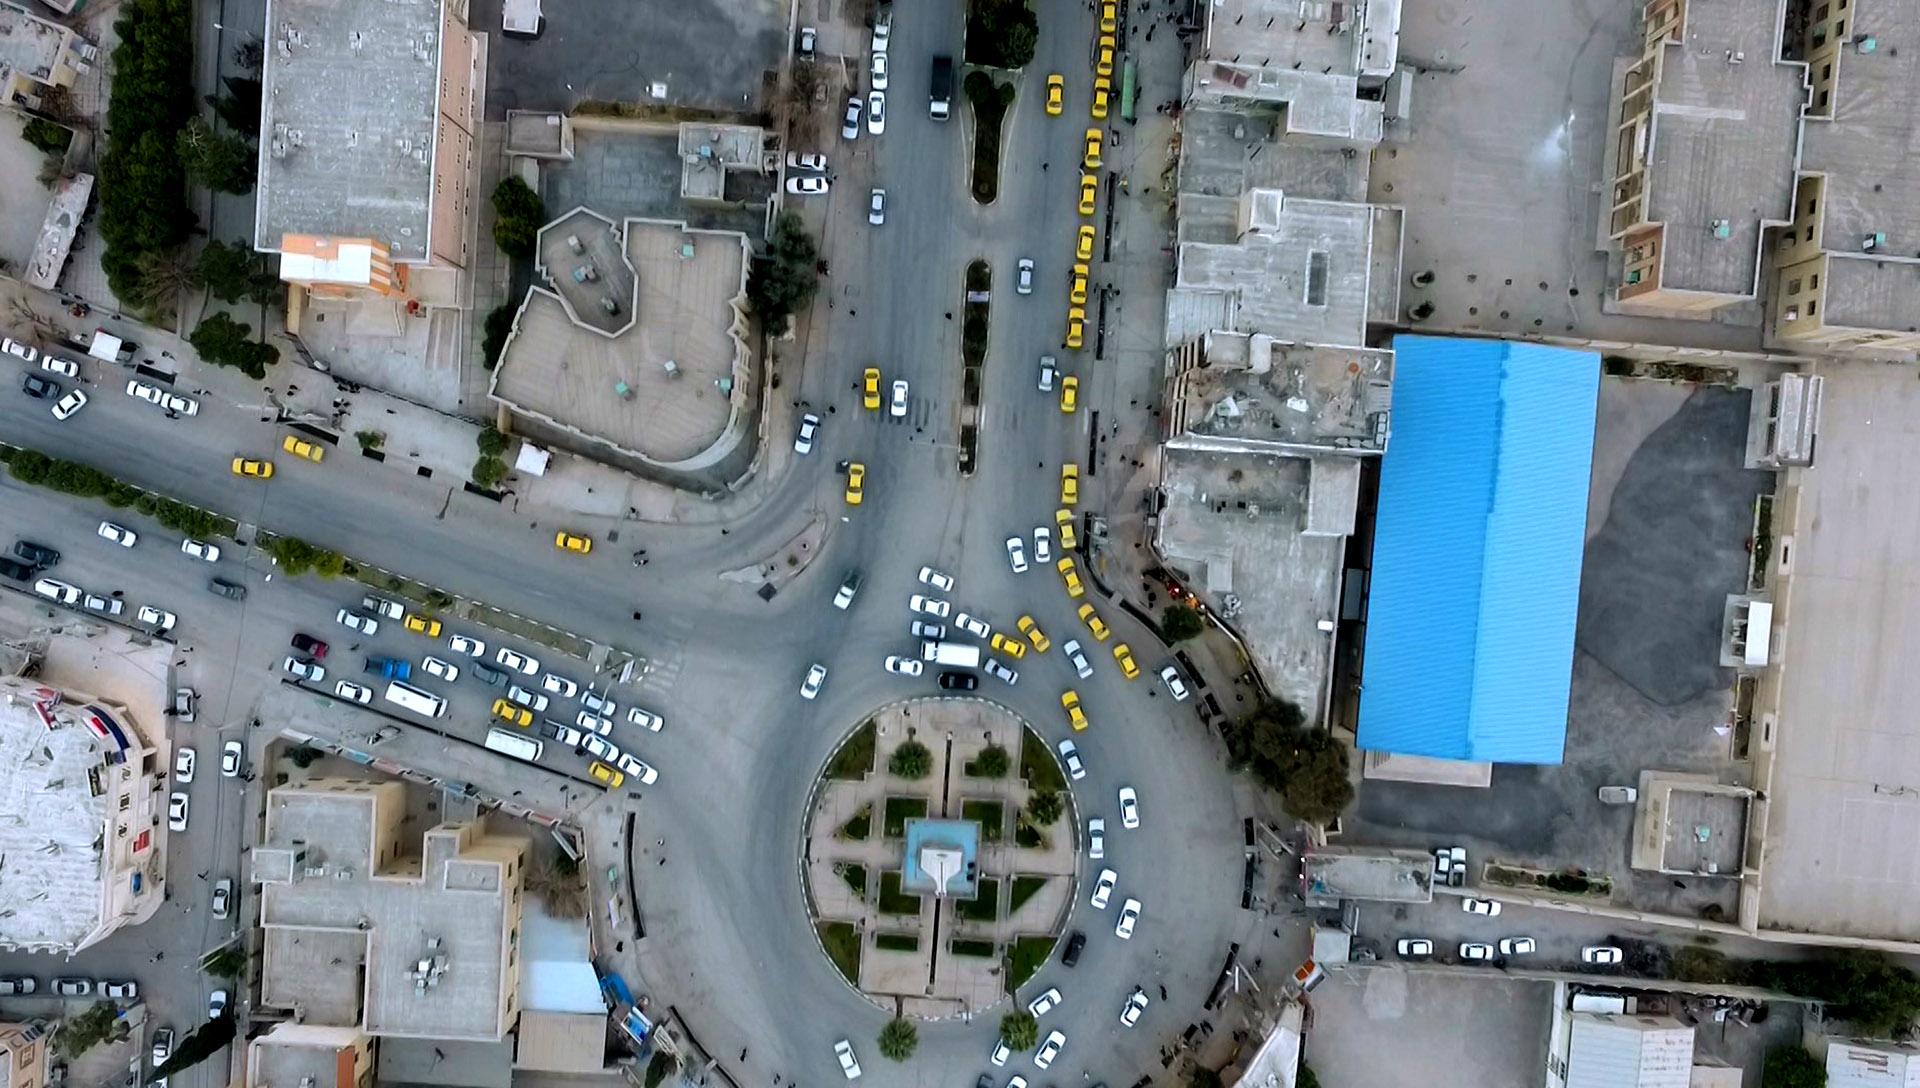 تصویربرداری هوایی - هلی شات در شیراز